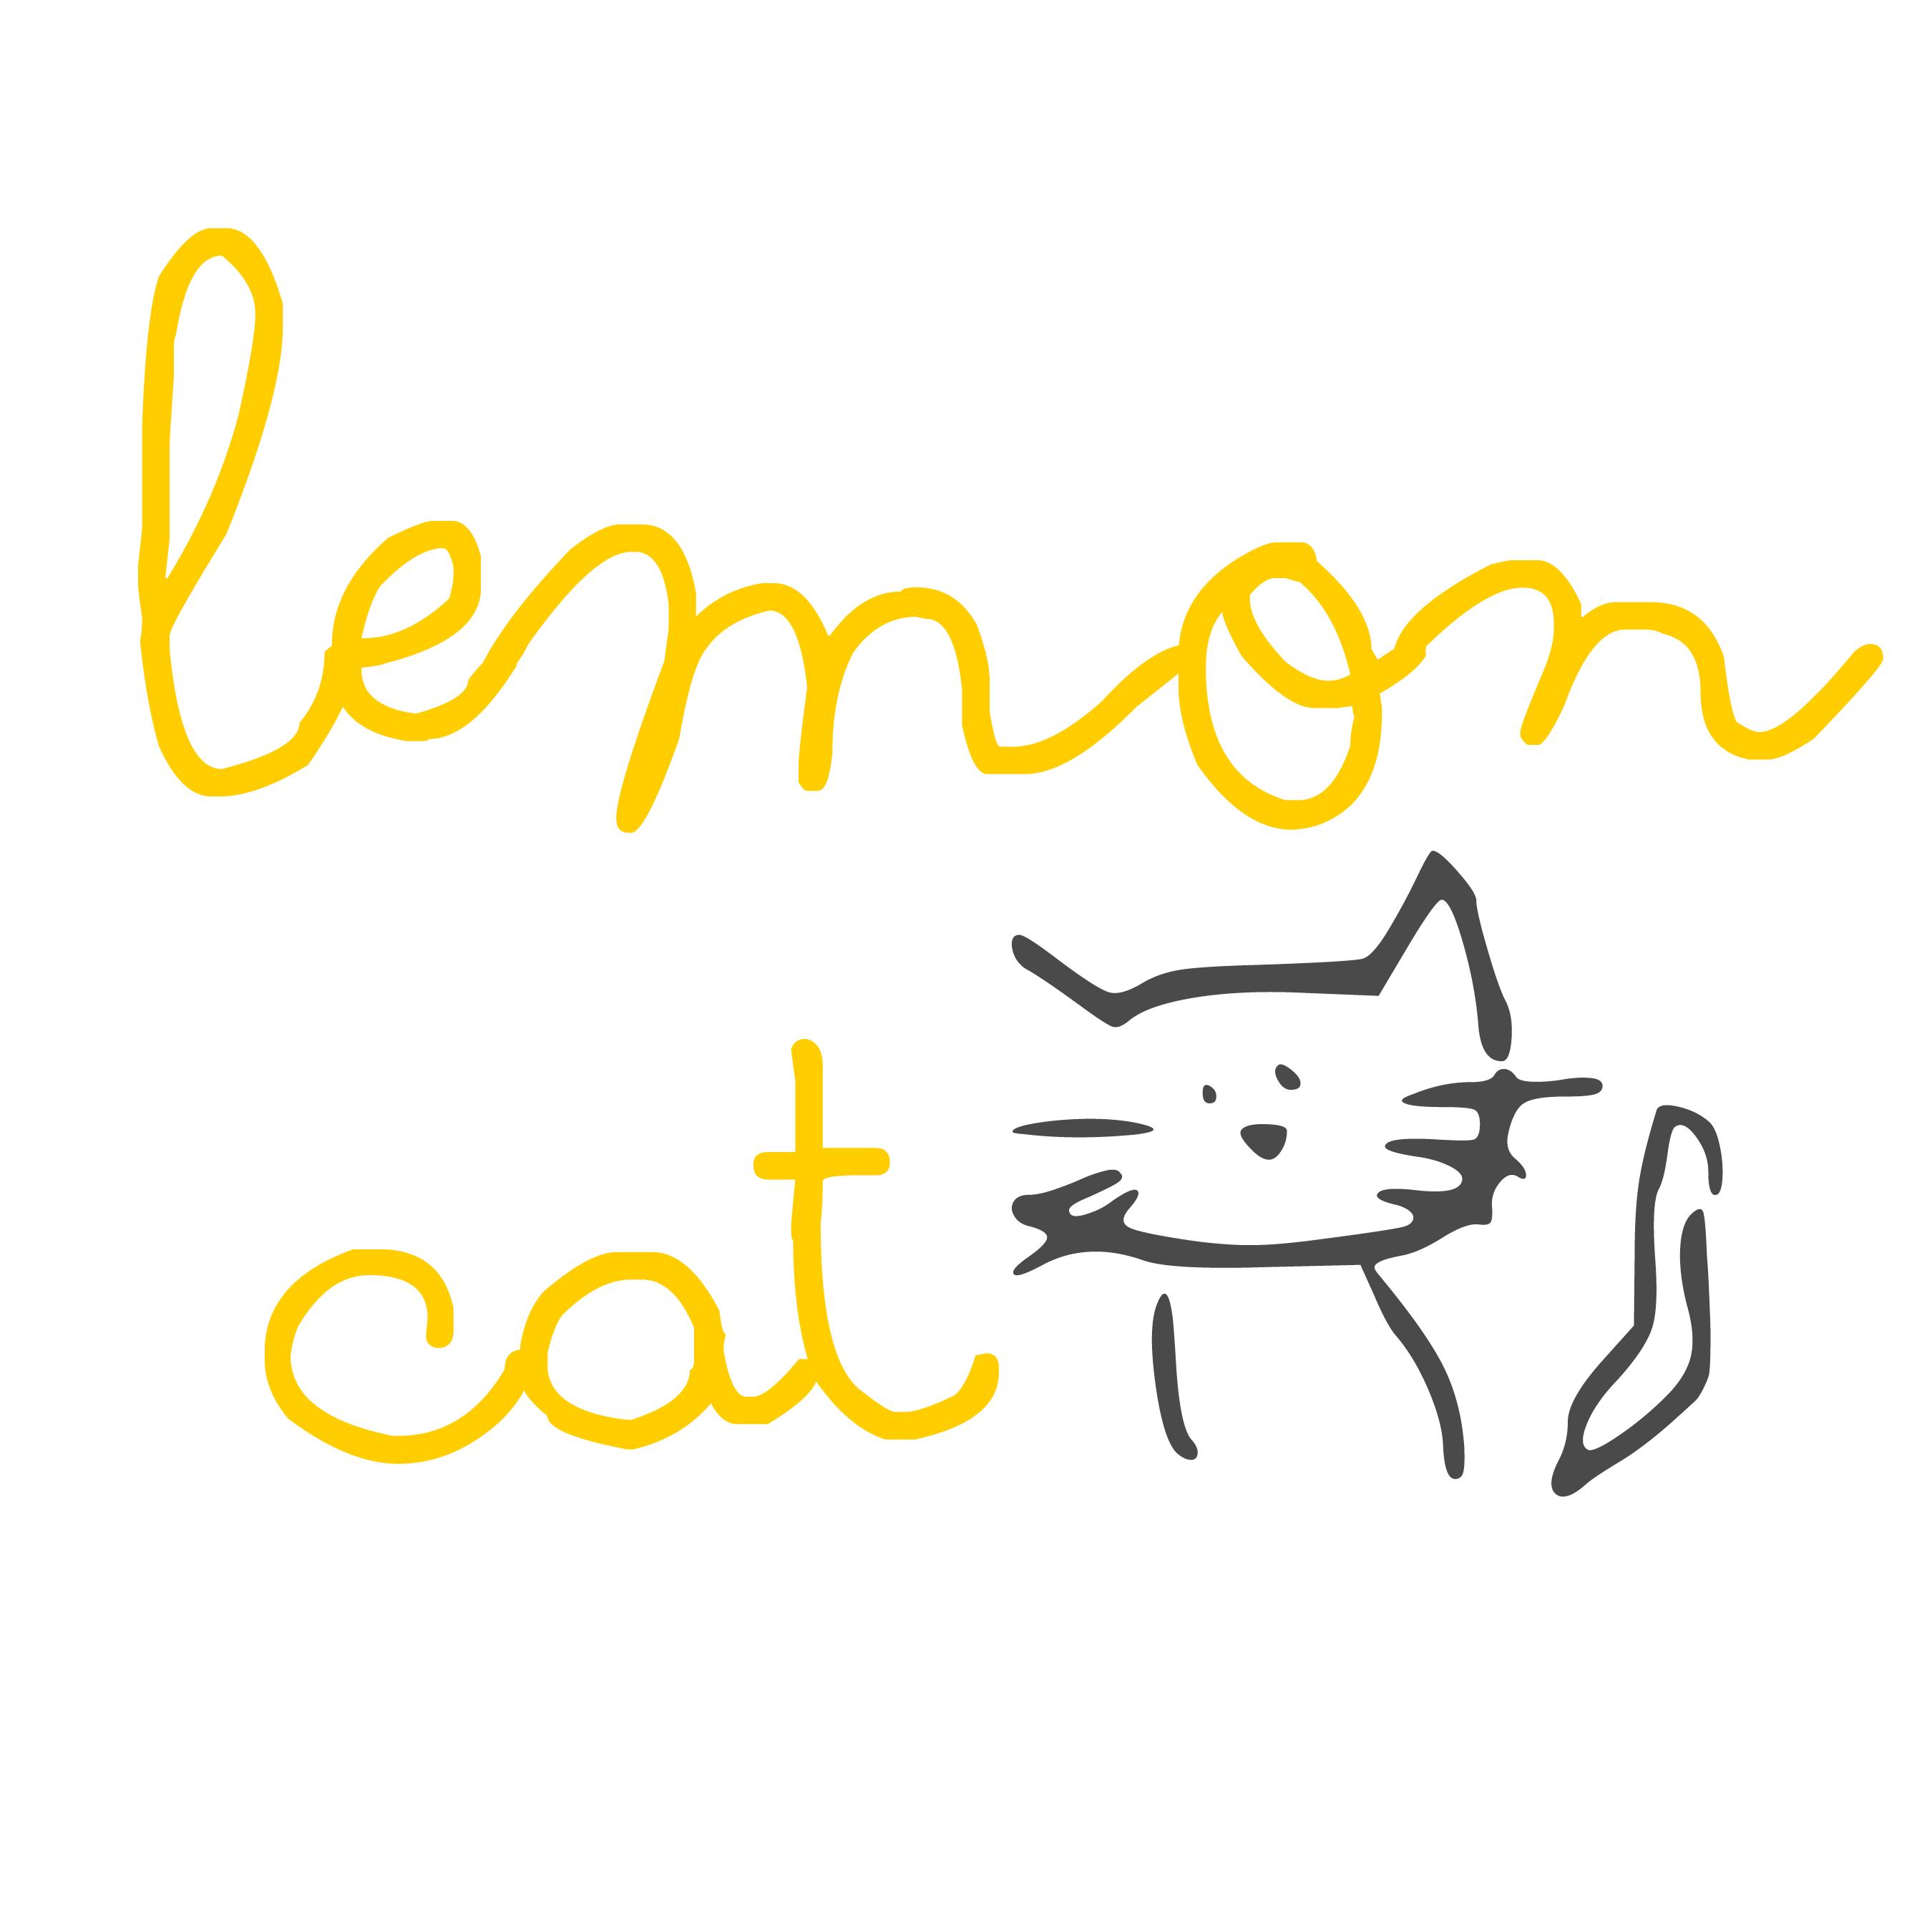 LemonCatShop